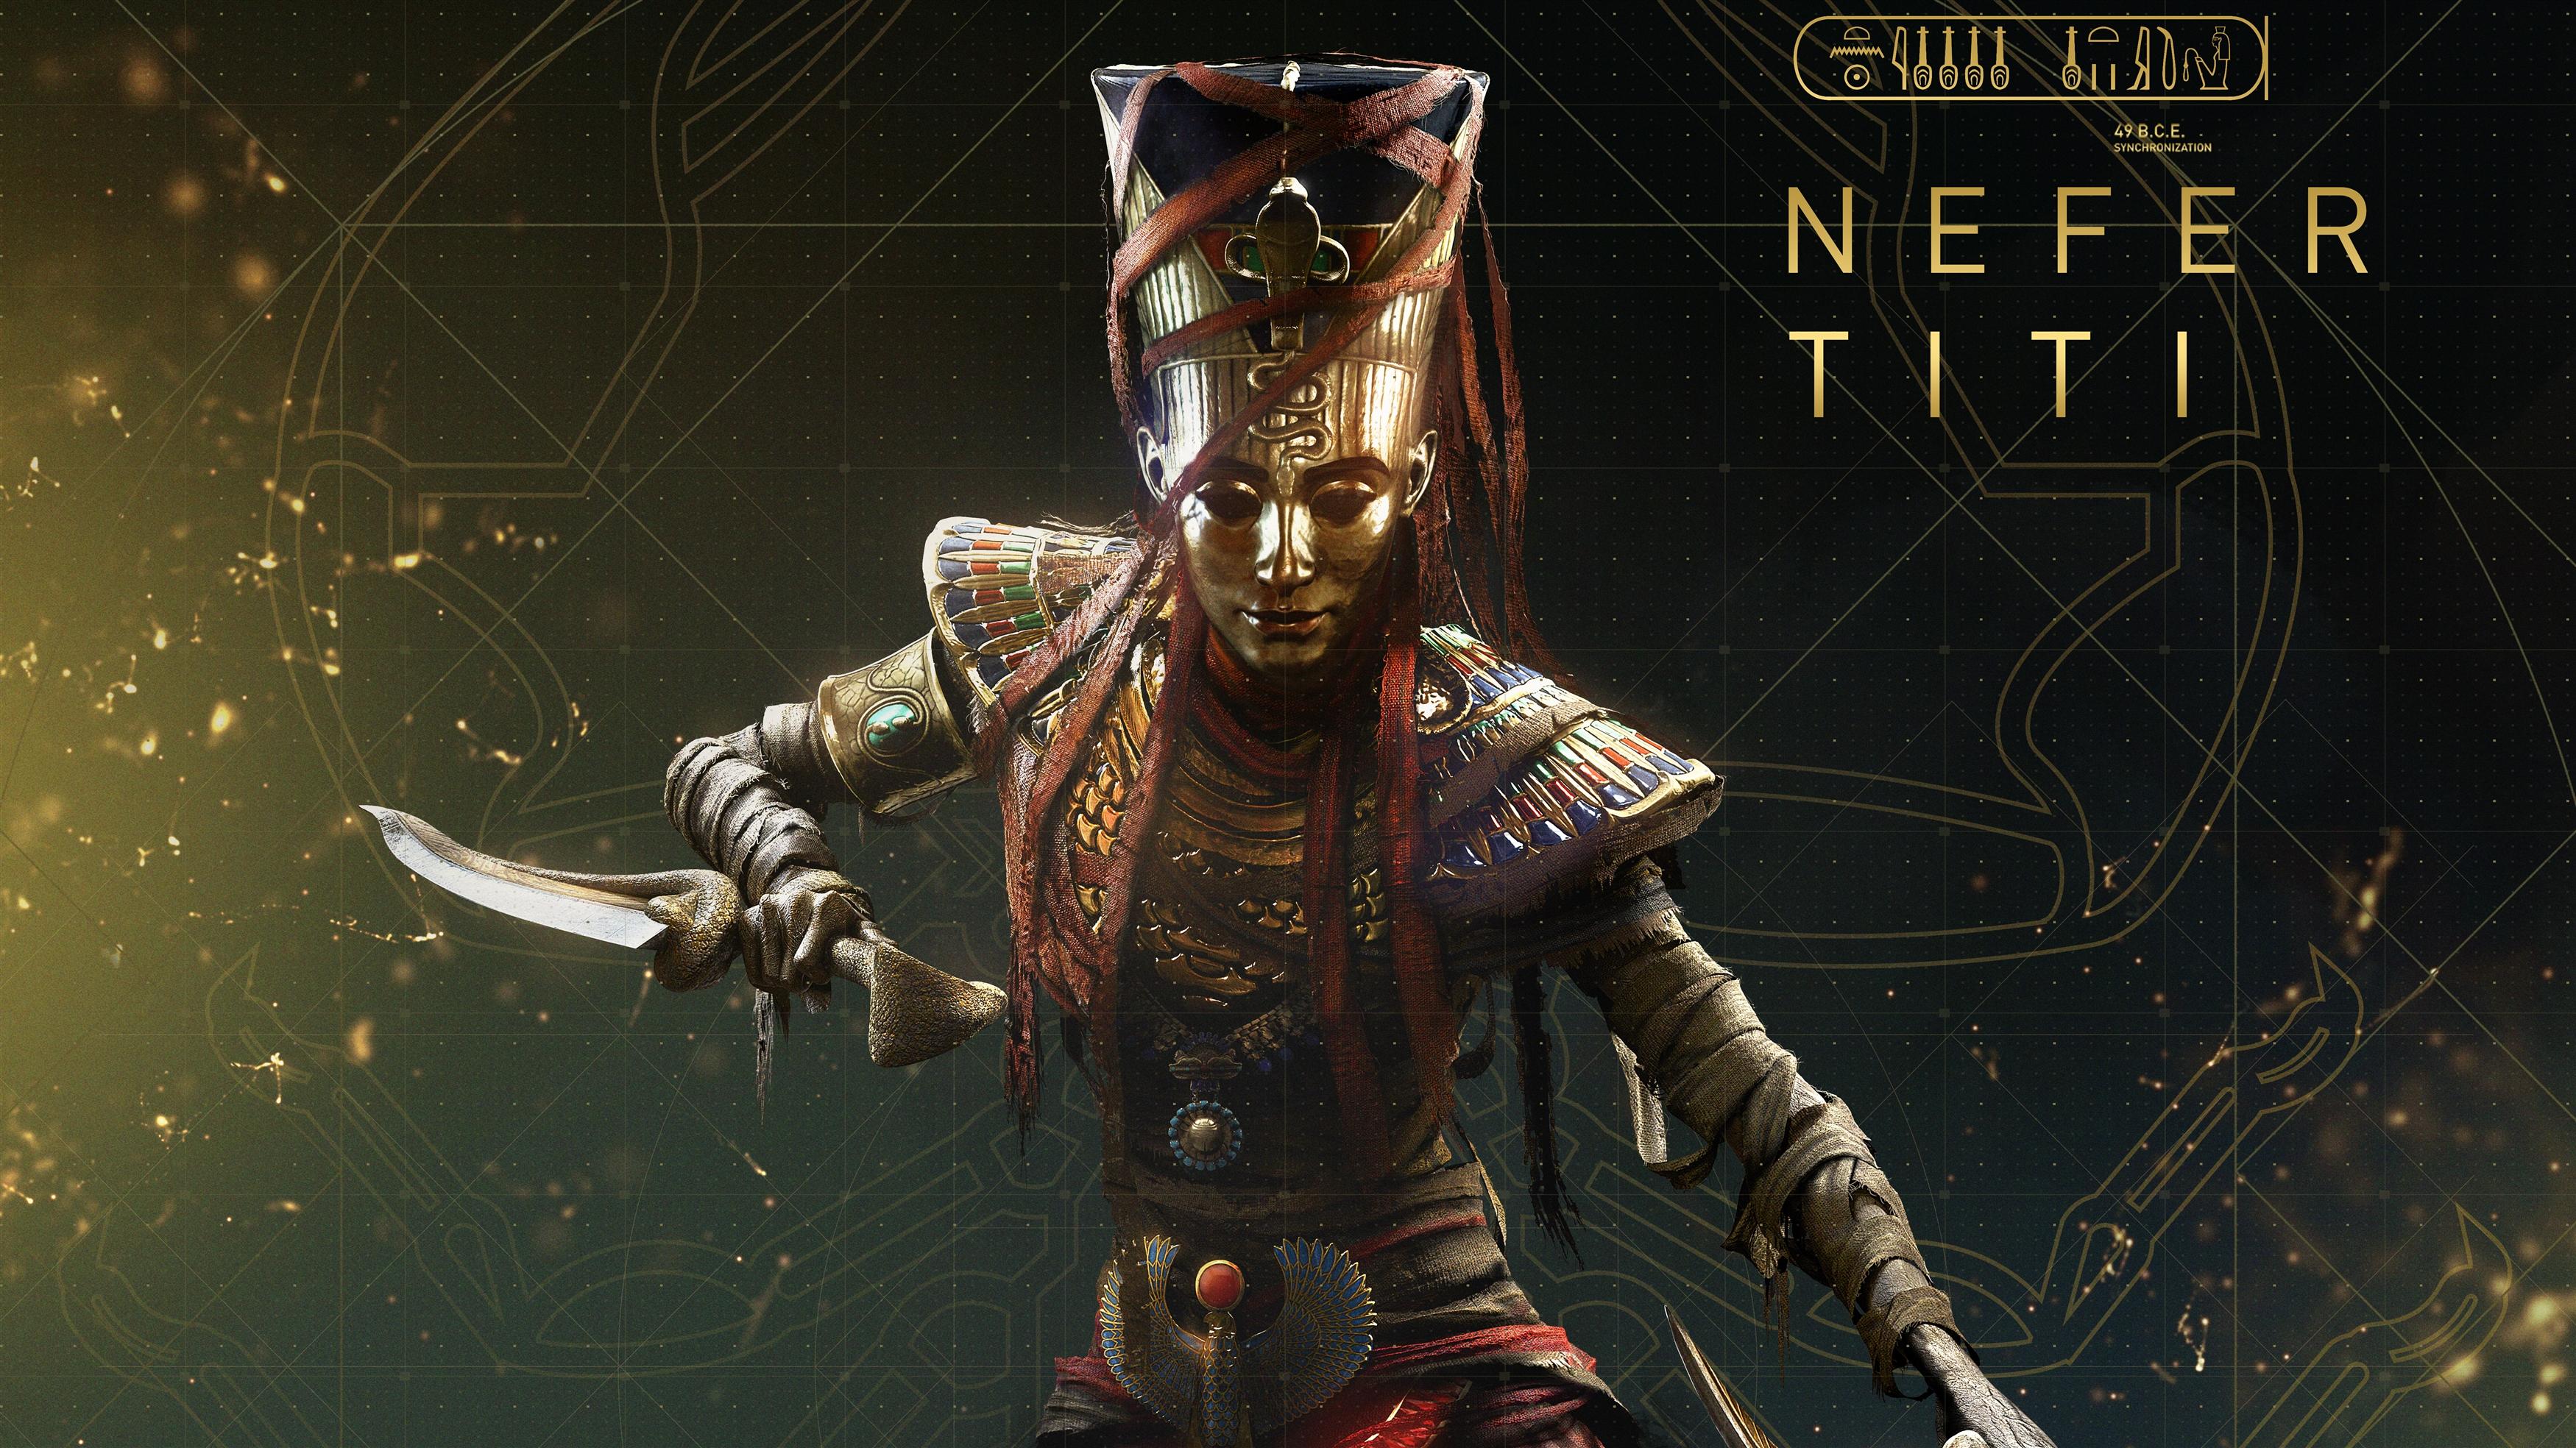 Assassins creed происхождение Нефертити обои скачать